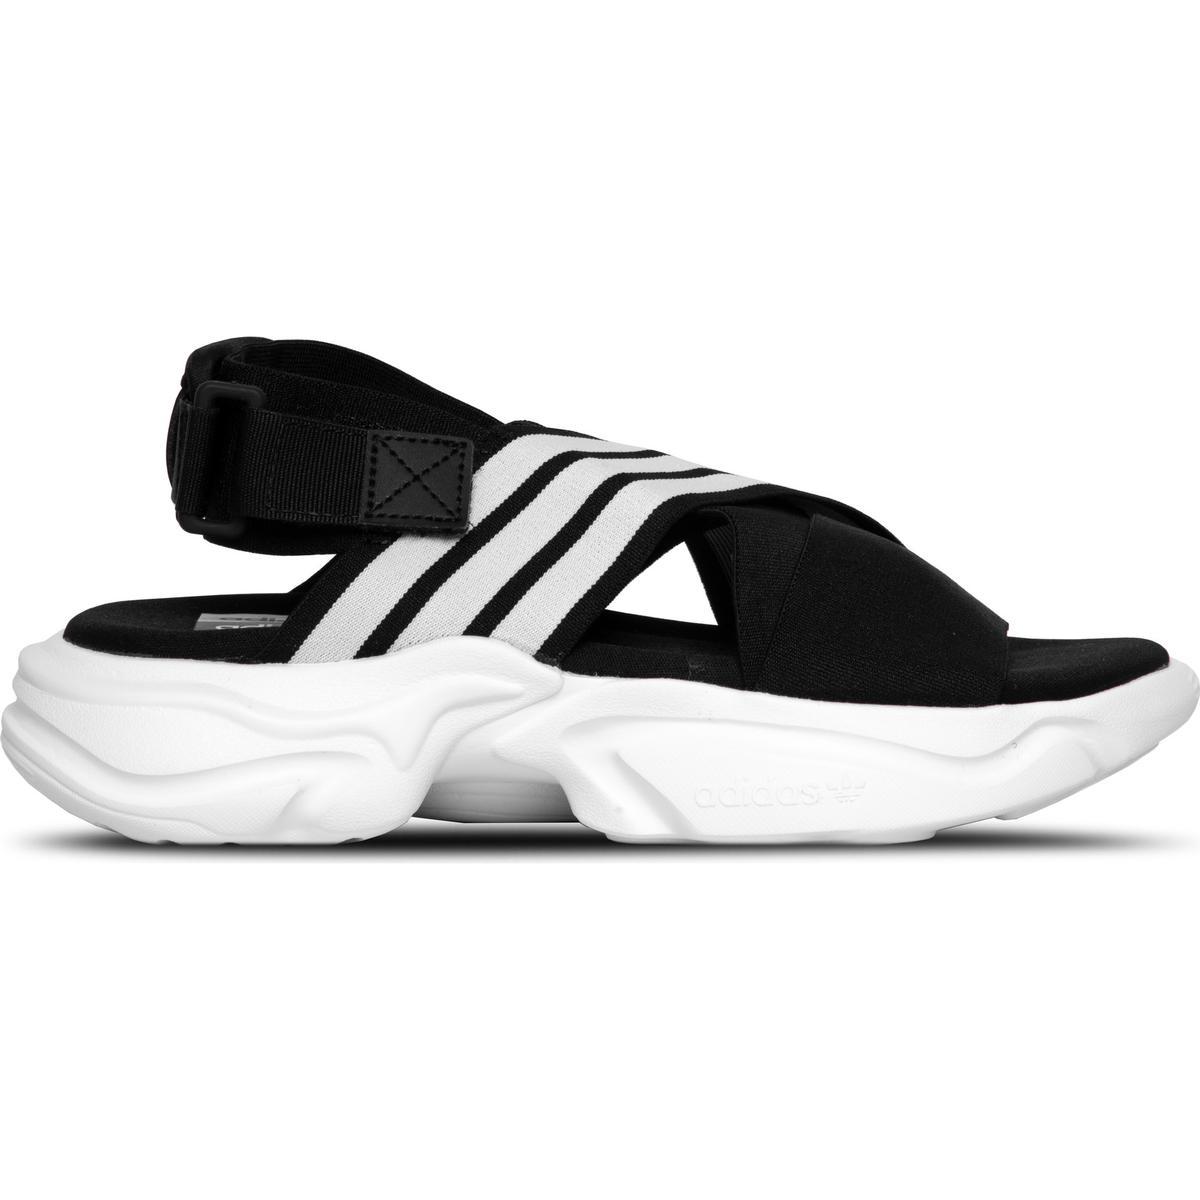 Adidas magmur �?Hitta det lägsta priset hos PriceRunner nu »